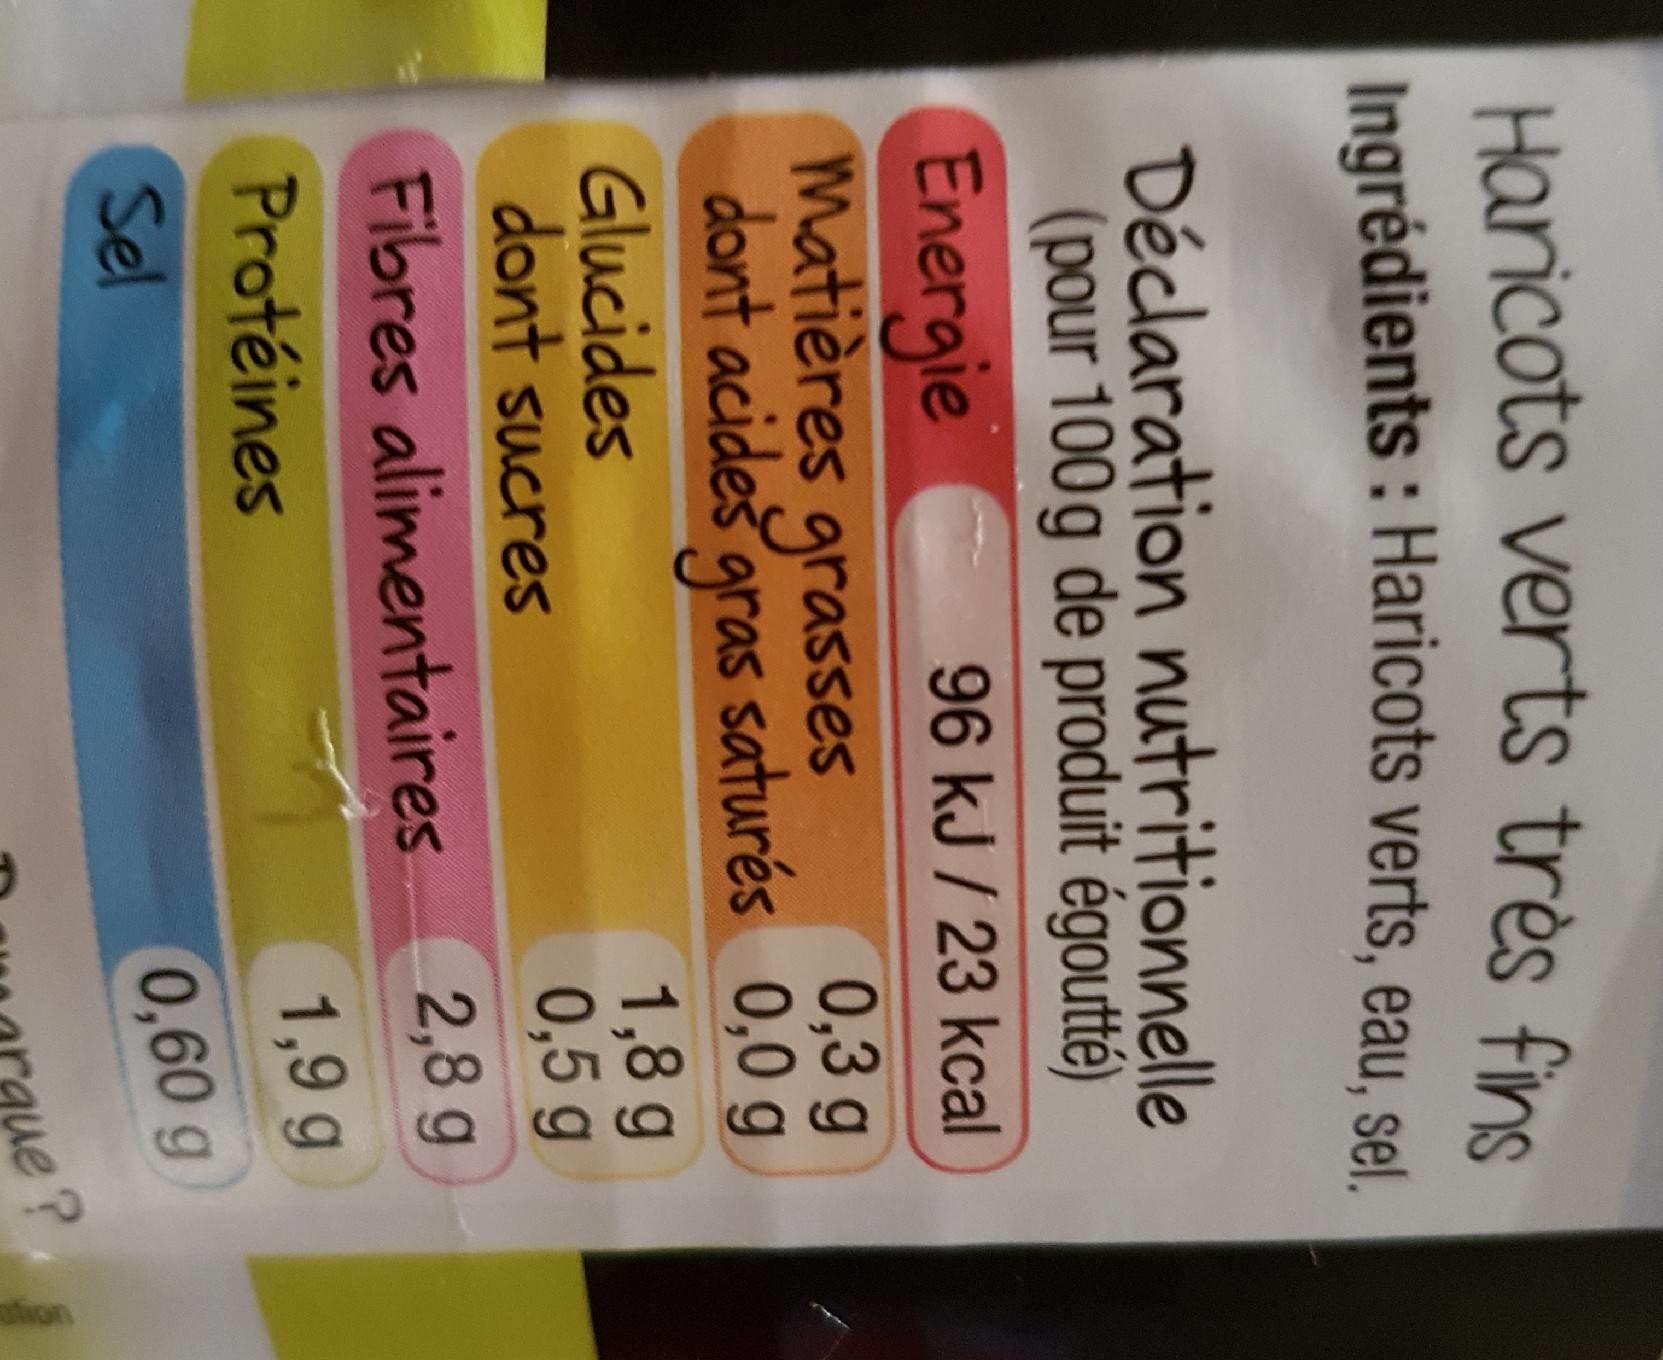 haricots verts tr s fins d 39 aucy calories valeurs nutritionnelles et avis de consommation. Black Bedroom Furniture Sets. Home Design Ideas